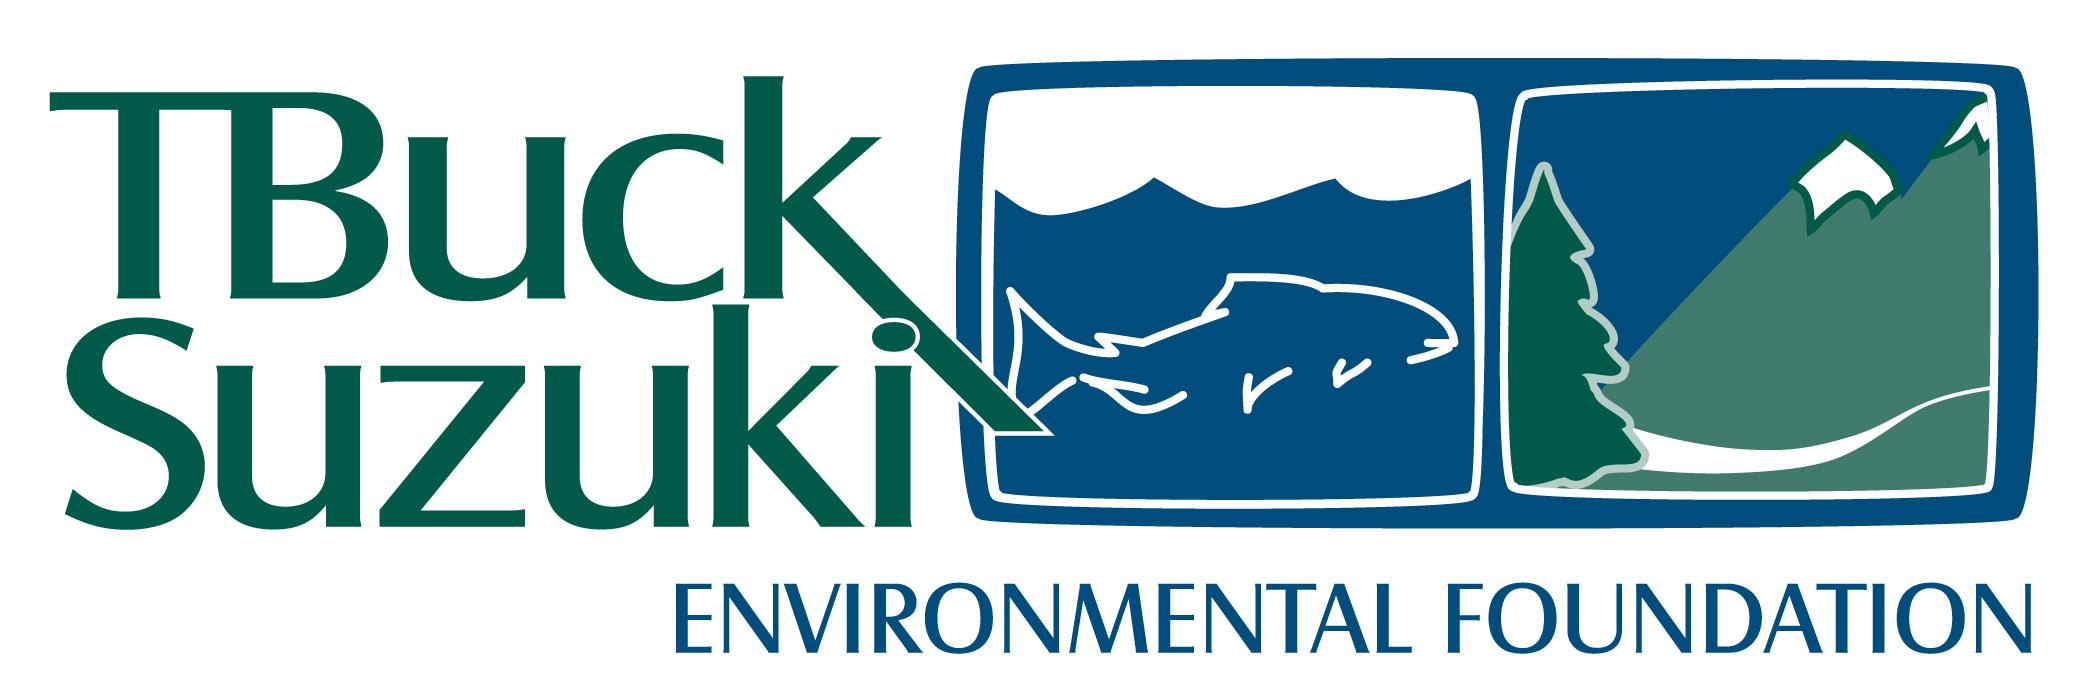 T Buck Logo.jpg